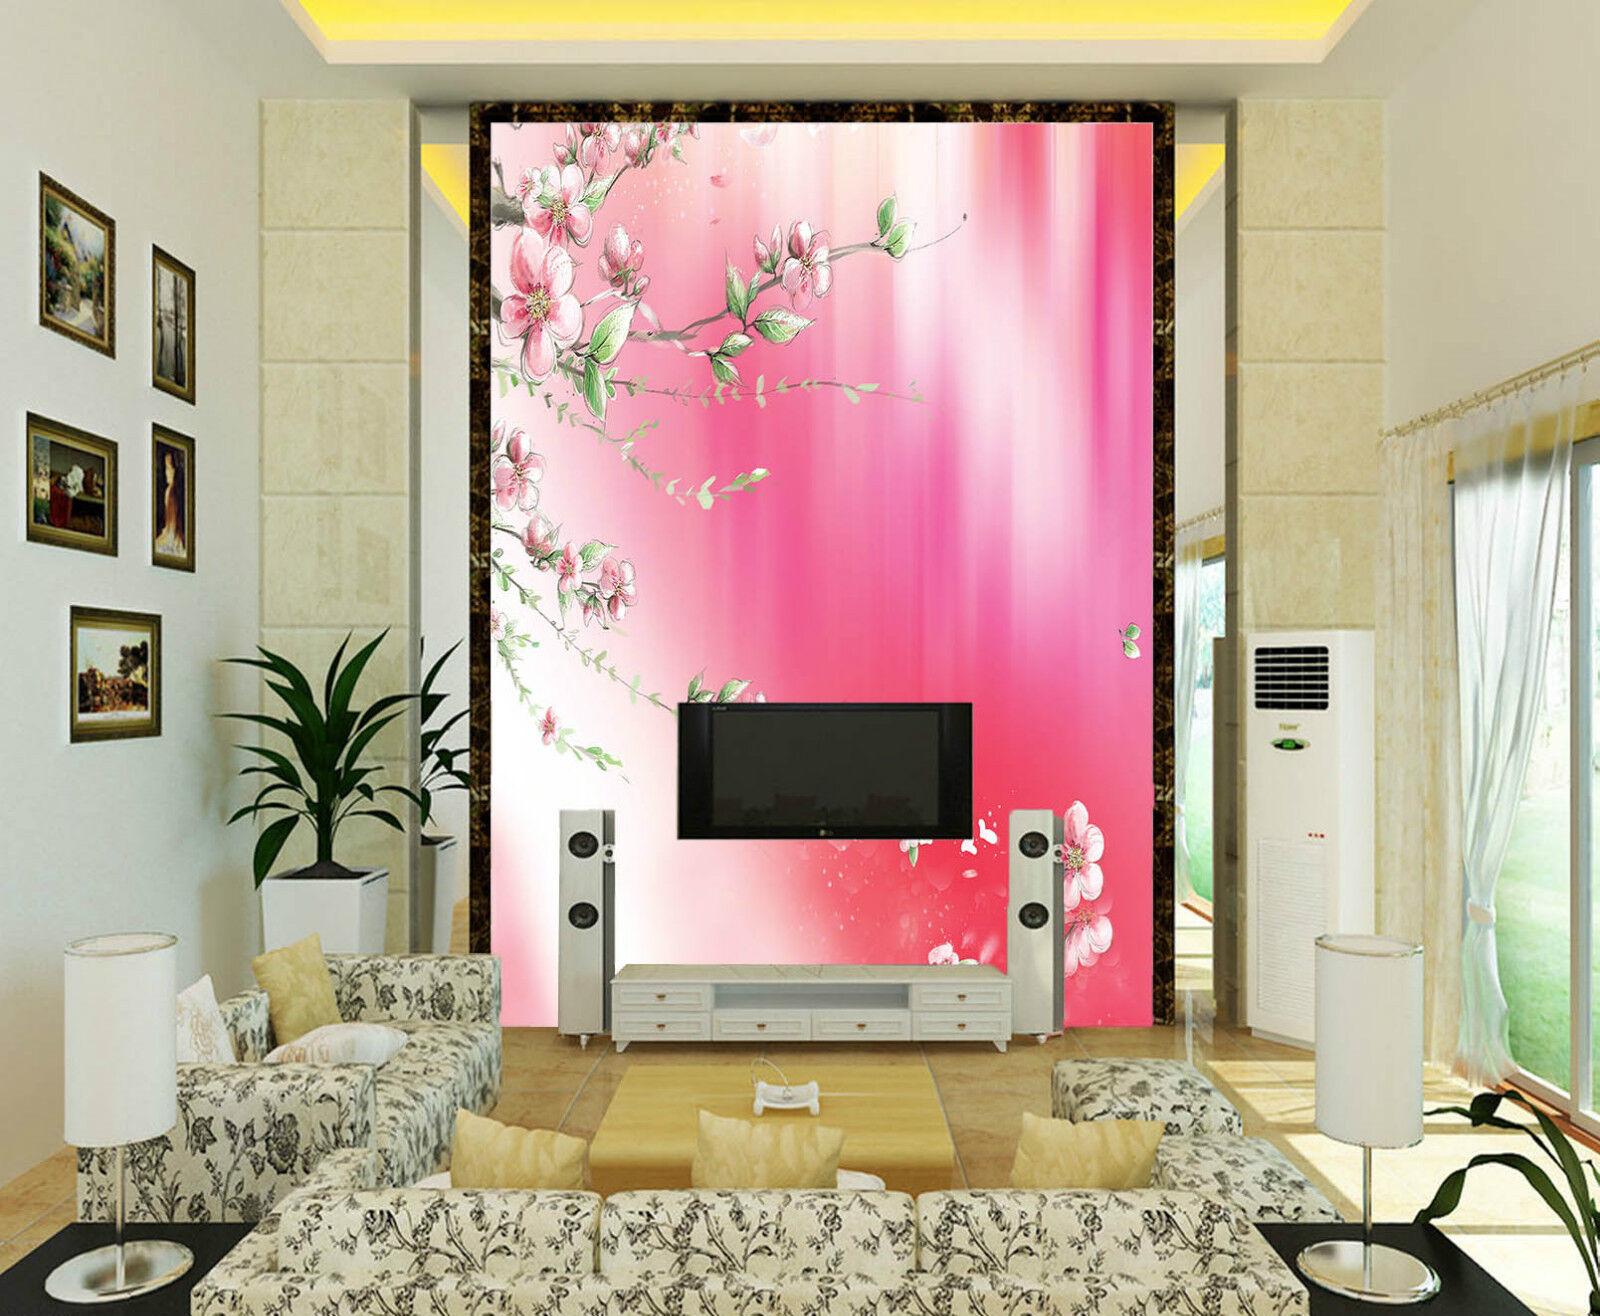 3D Farfalla,Fiore Parete Murale Foto Carta da parati immagine sfondo muro stampa